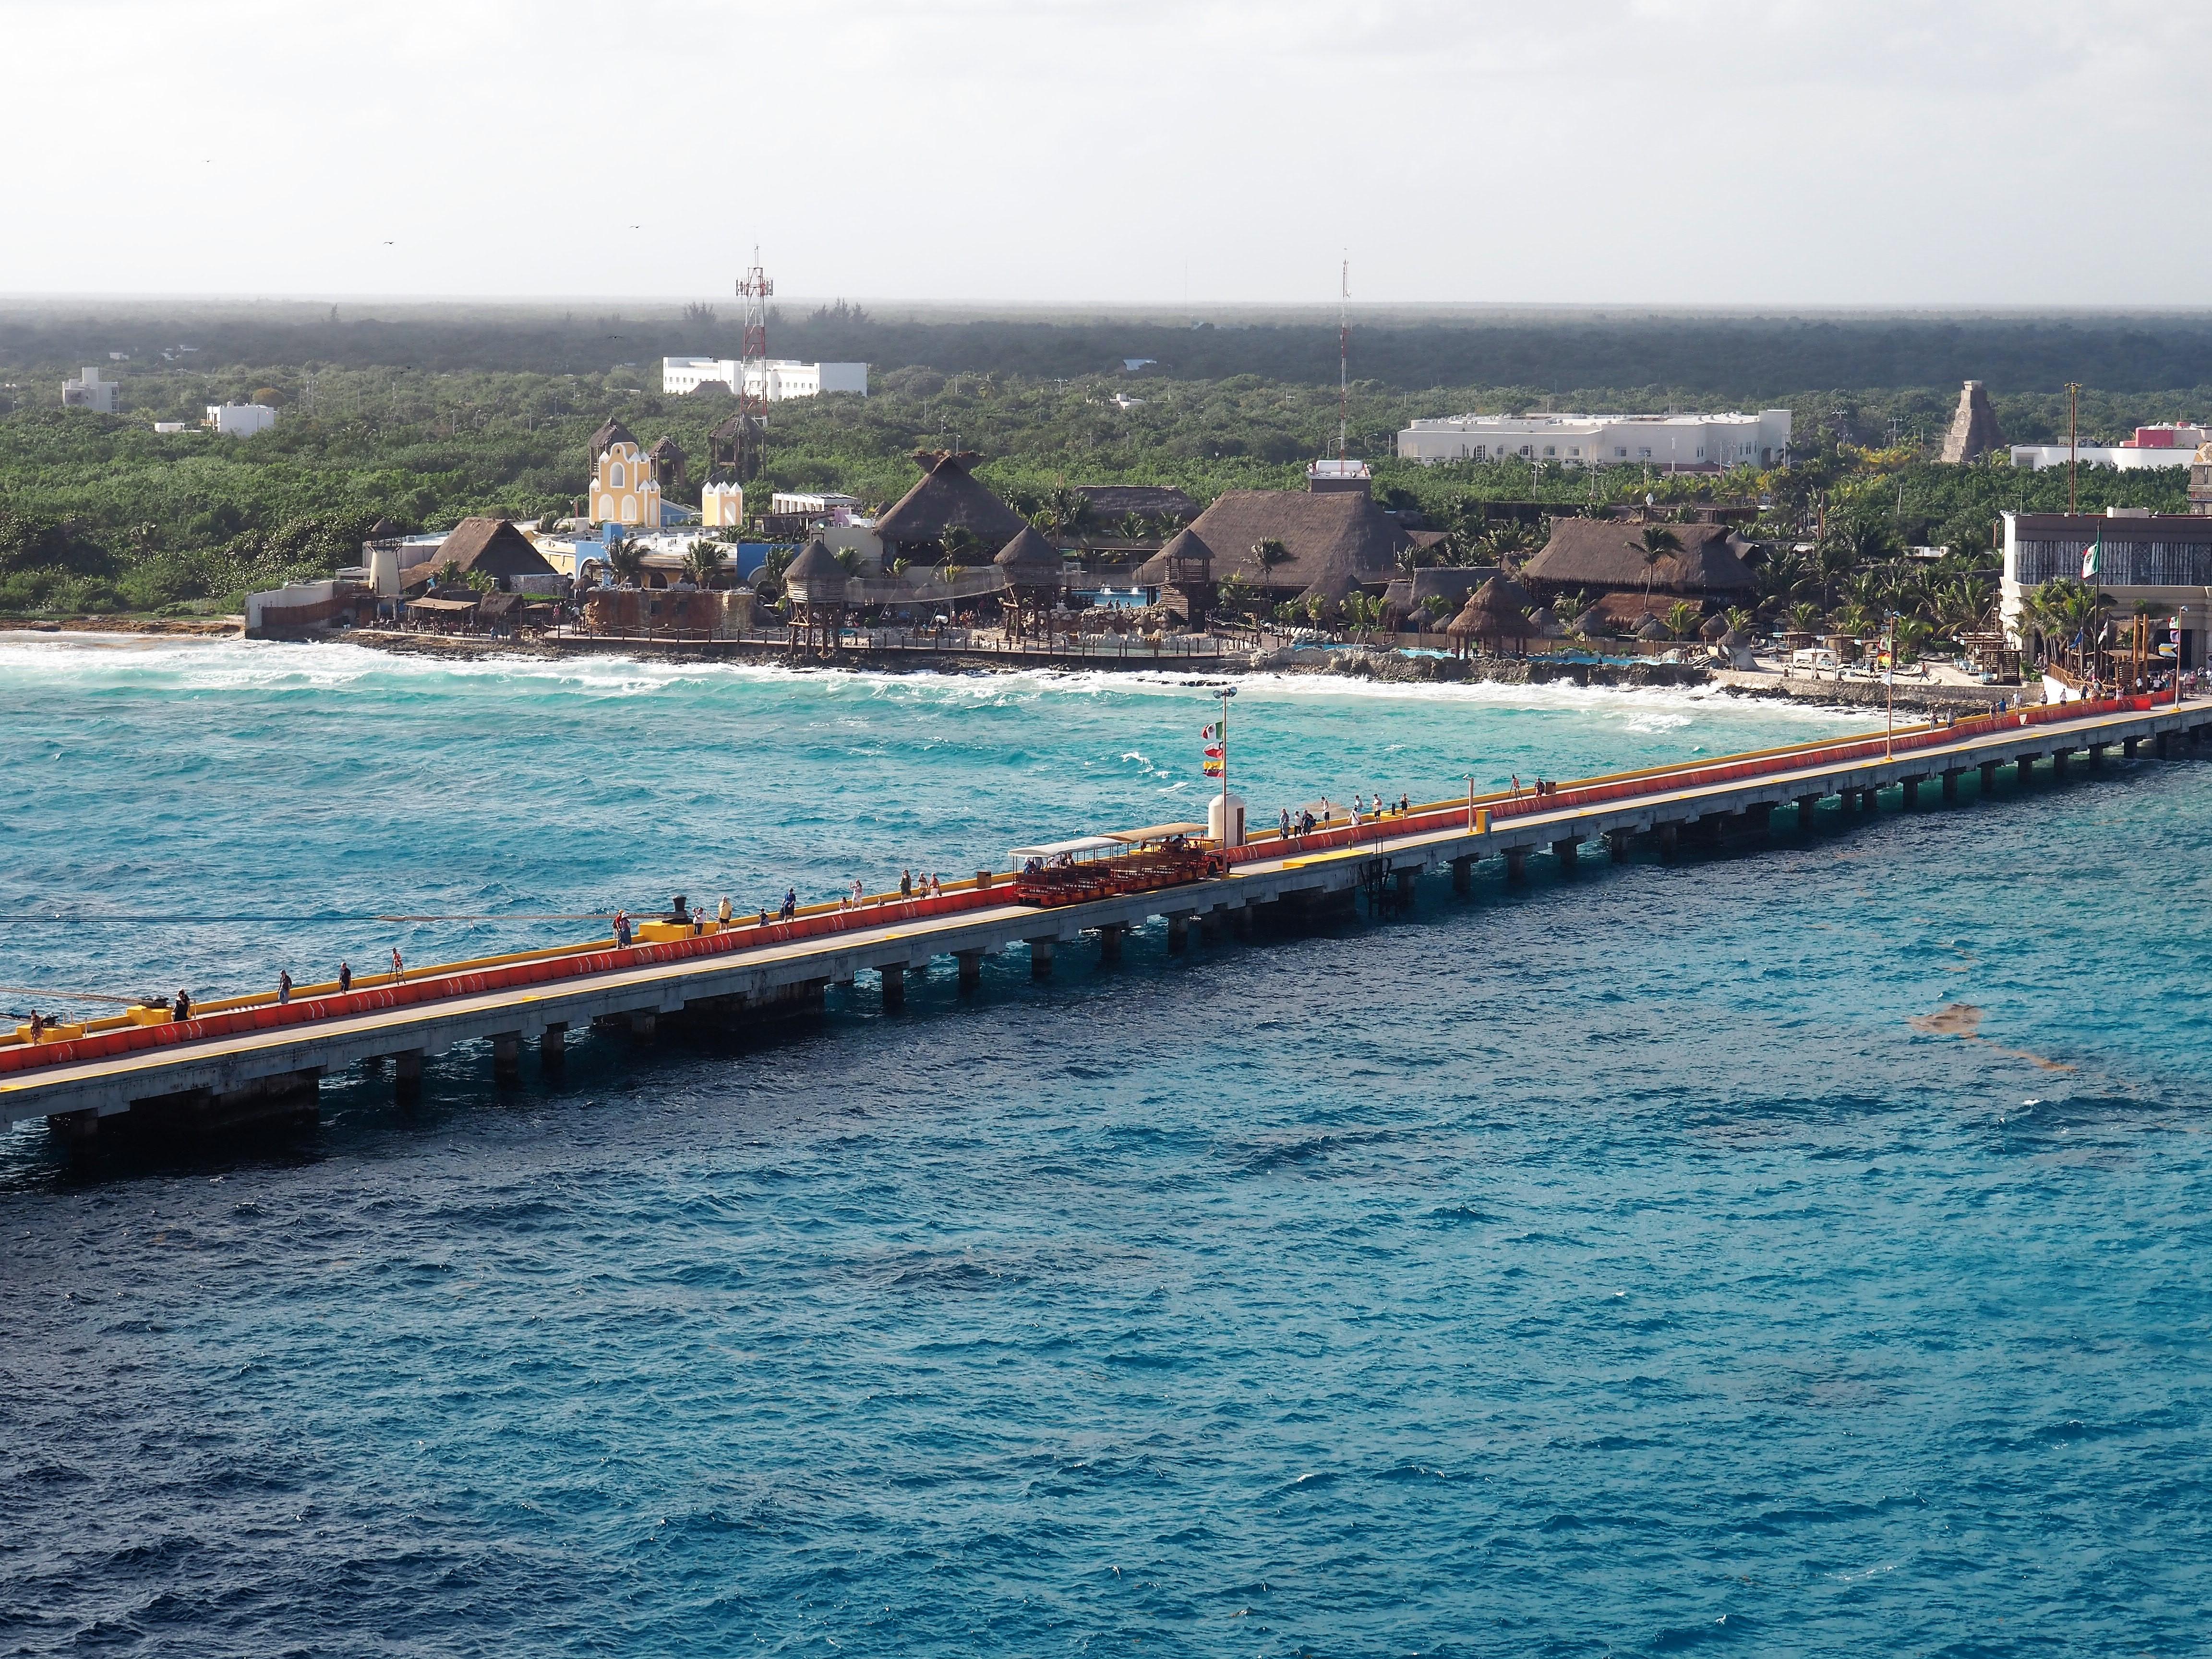 Cruise Center Costa Maya, AIDALuna, Kreuzfahrt Karibik Mexiko,